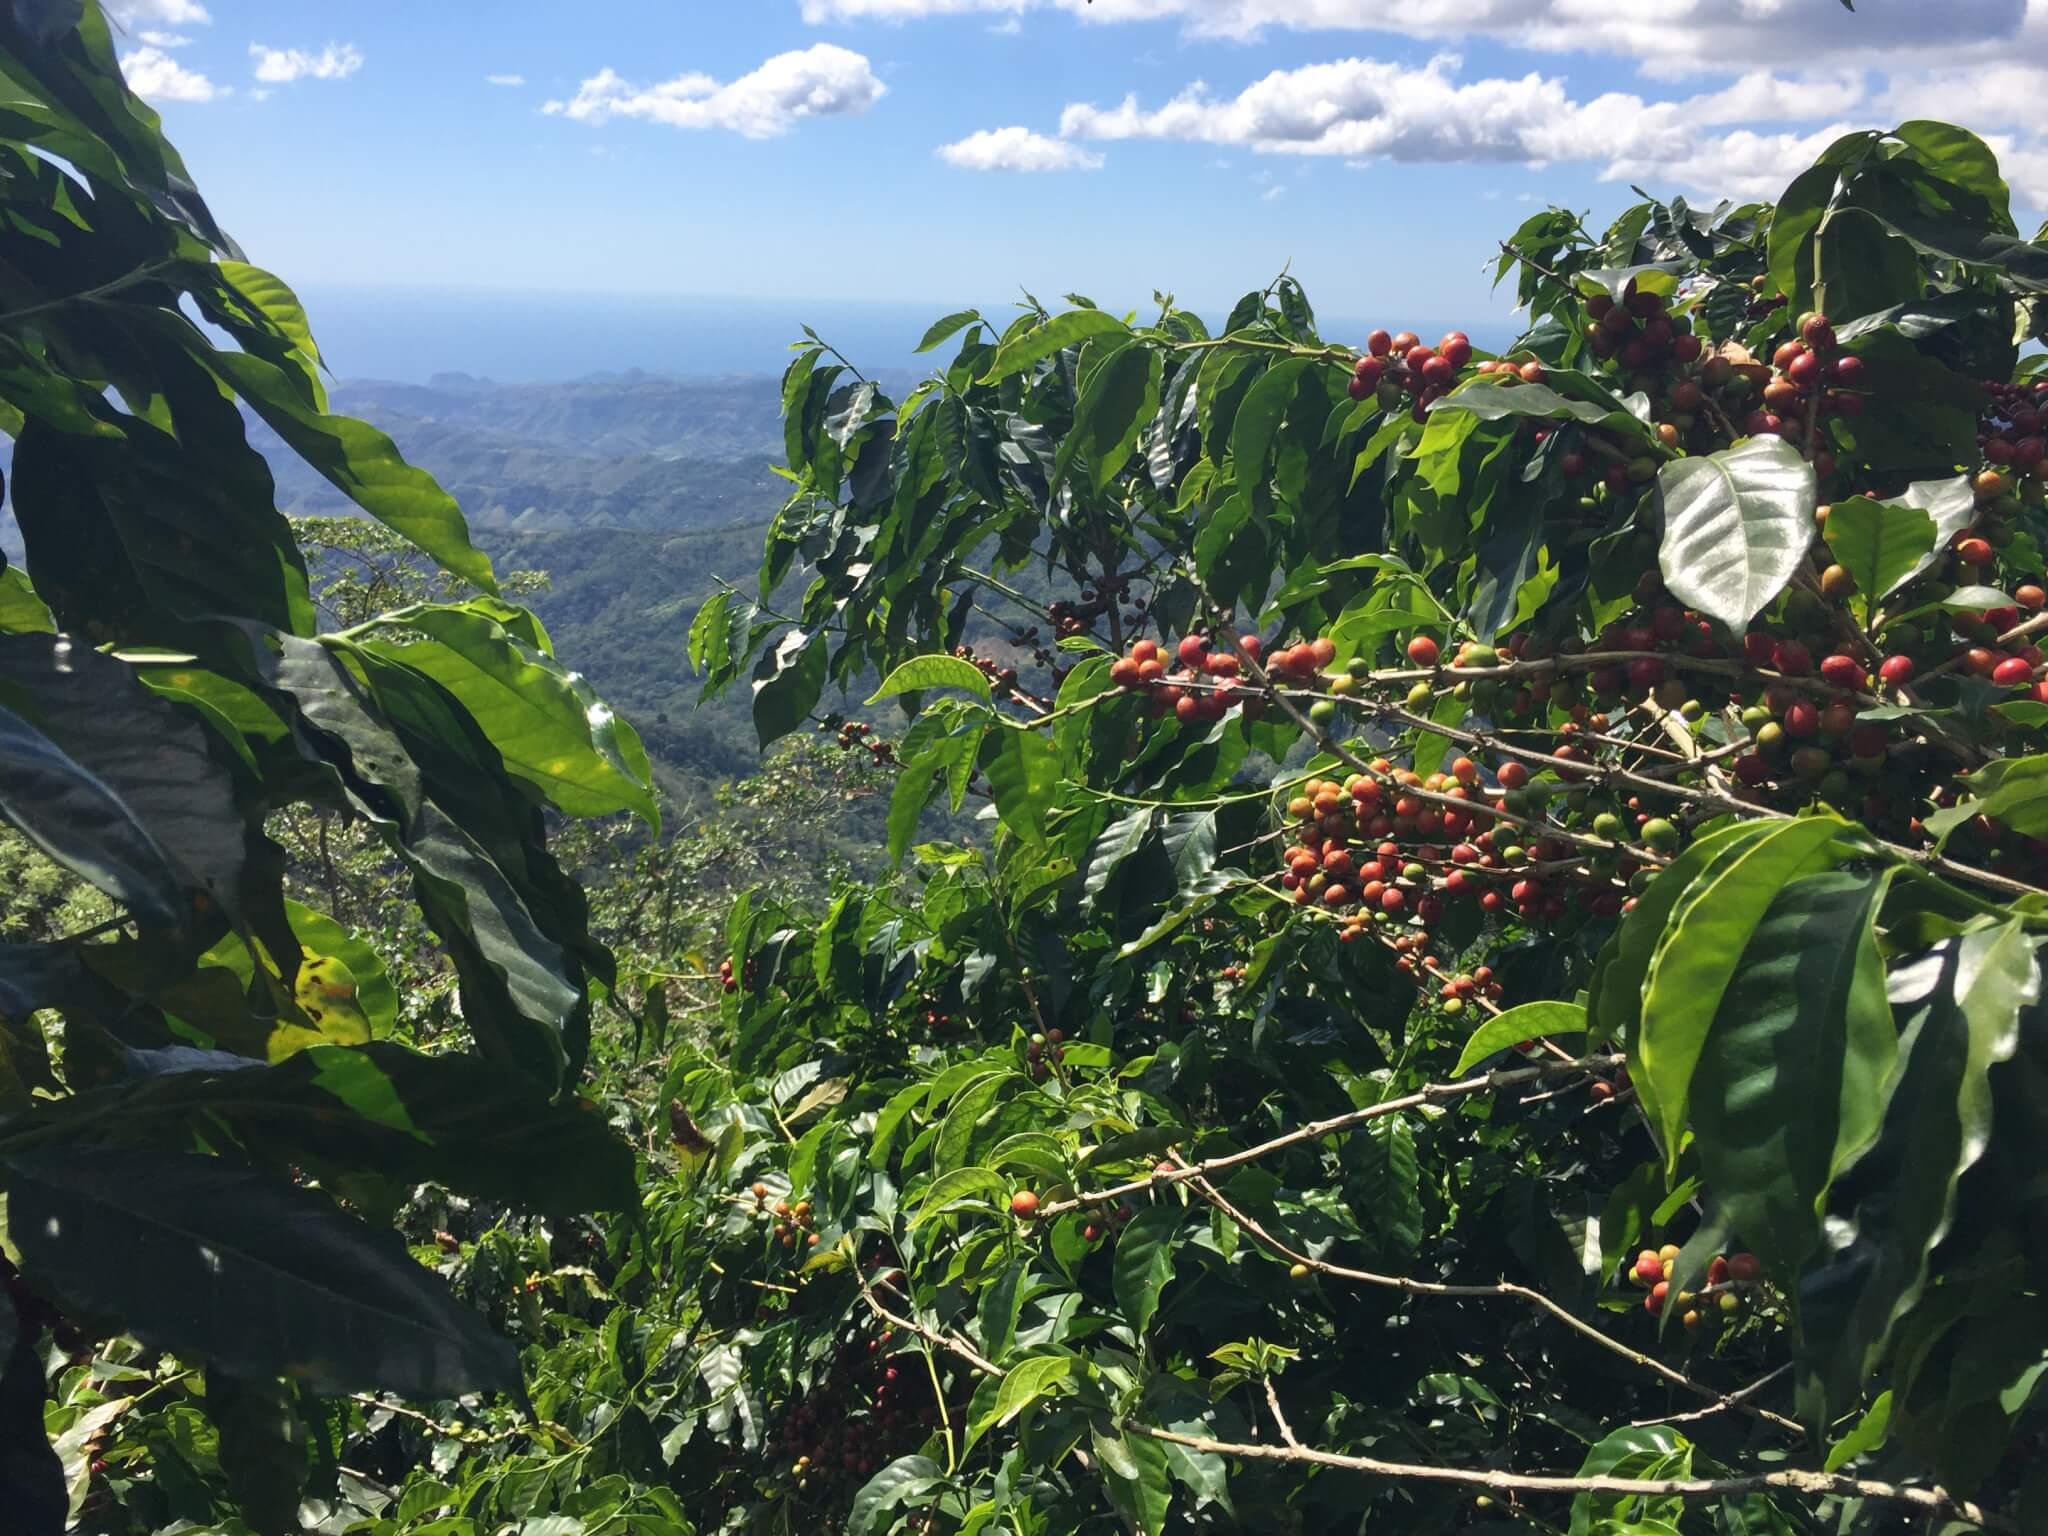 Blick in die Weite, Vordergrund kaffeestrauch mit roten KaffeekirschenKaffee